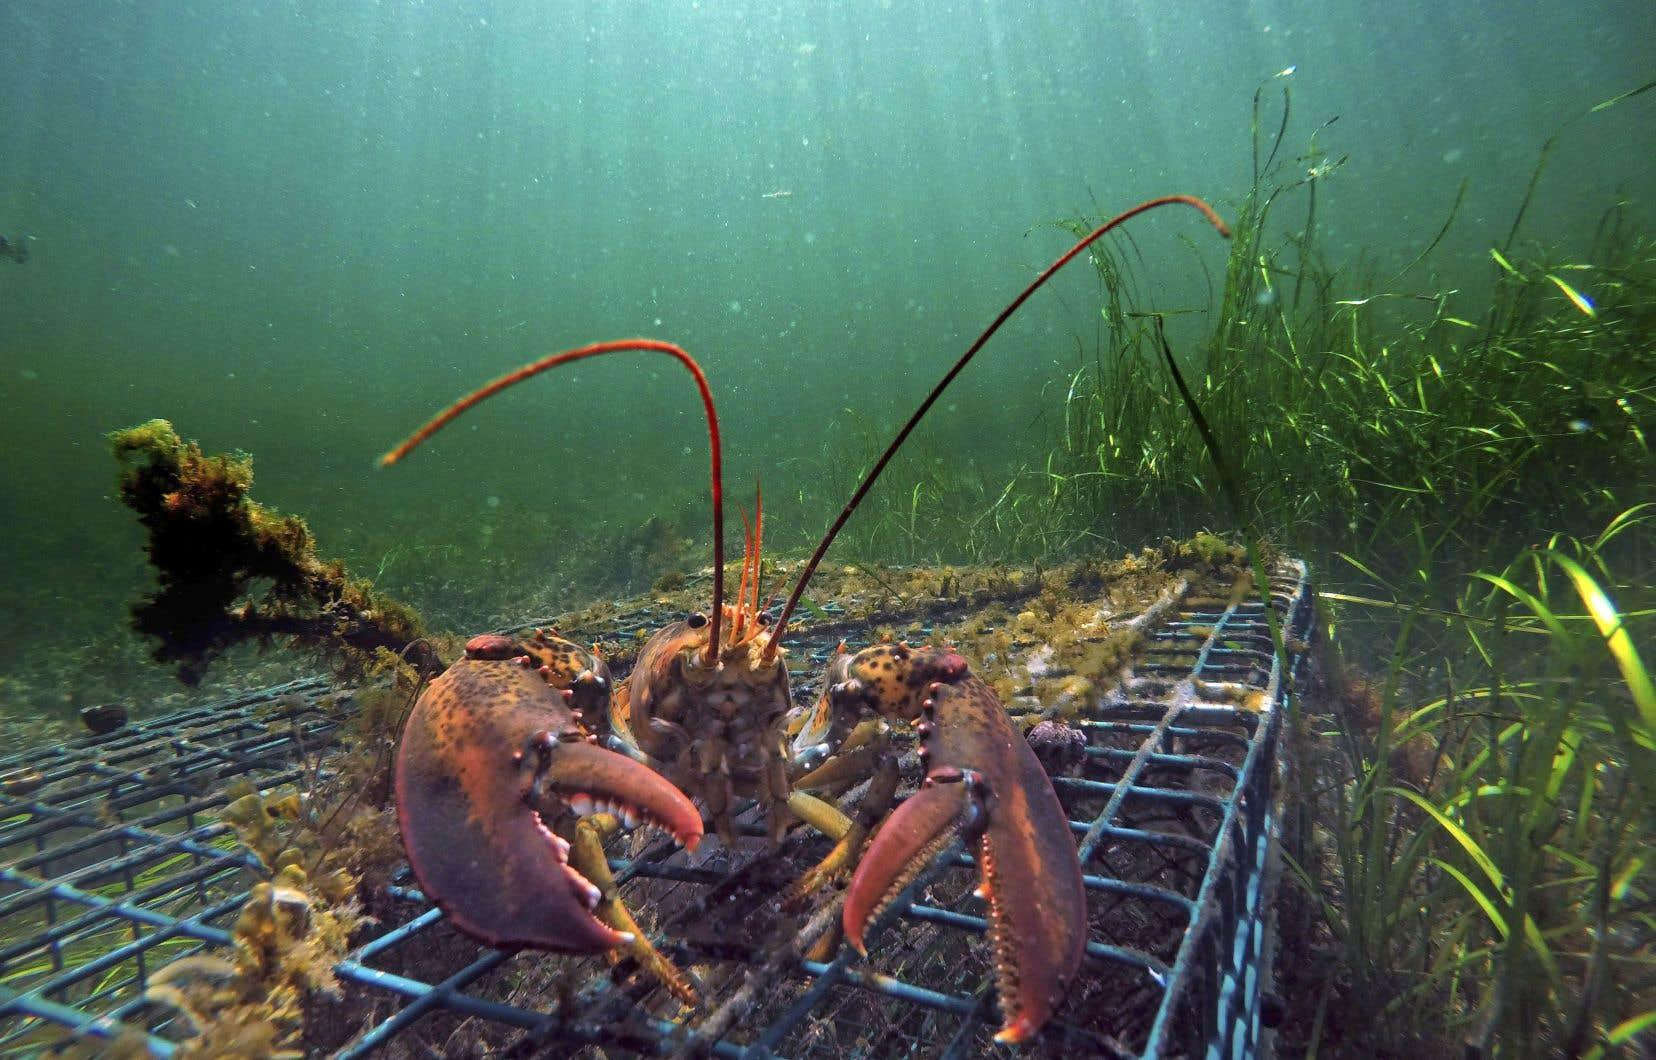 D'un point de vue strictement environnemental, force est de constater que les océans se vident plus rapidement que leur capacité de reproduction.